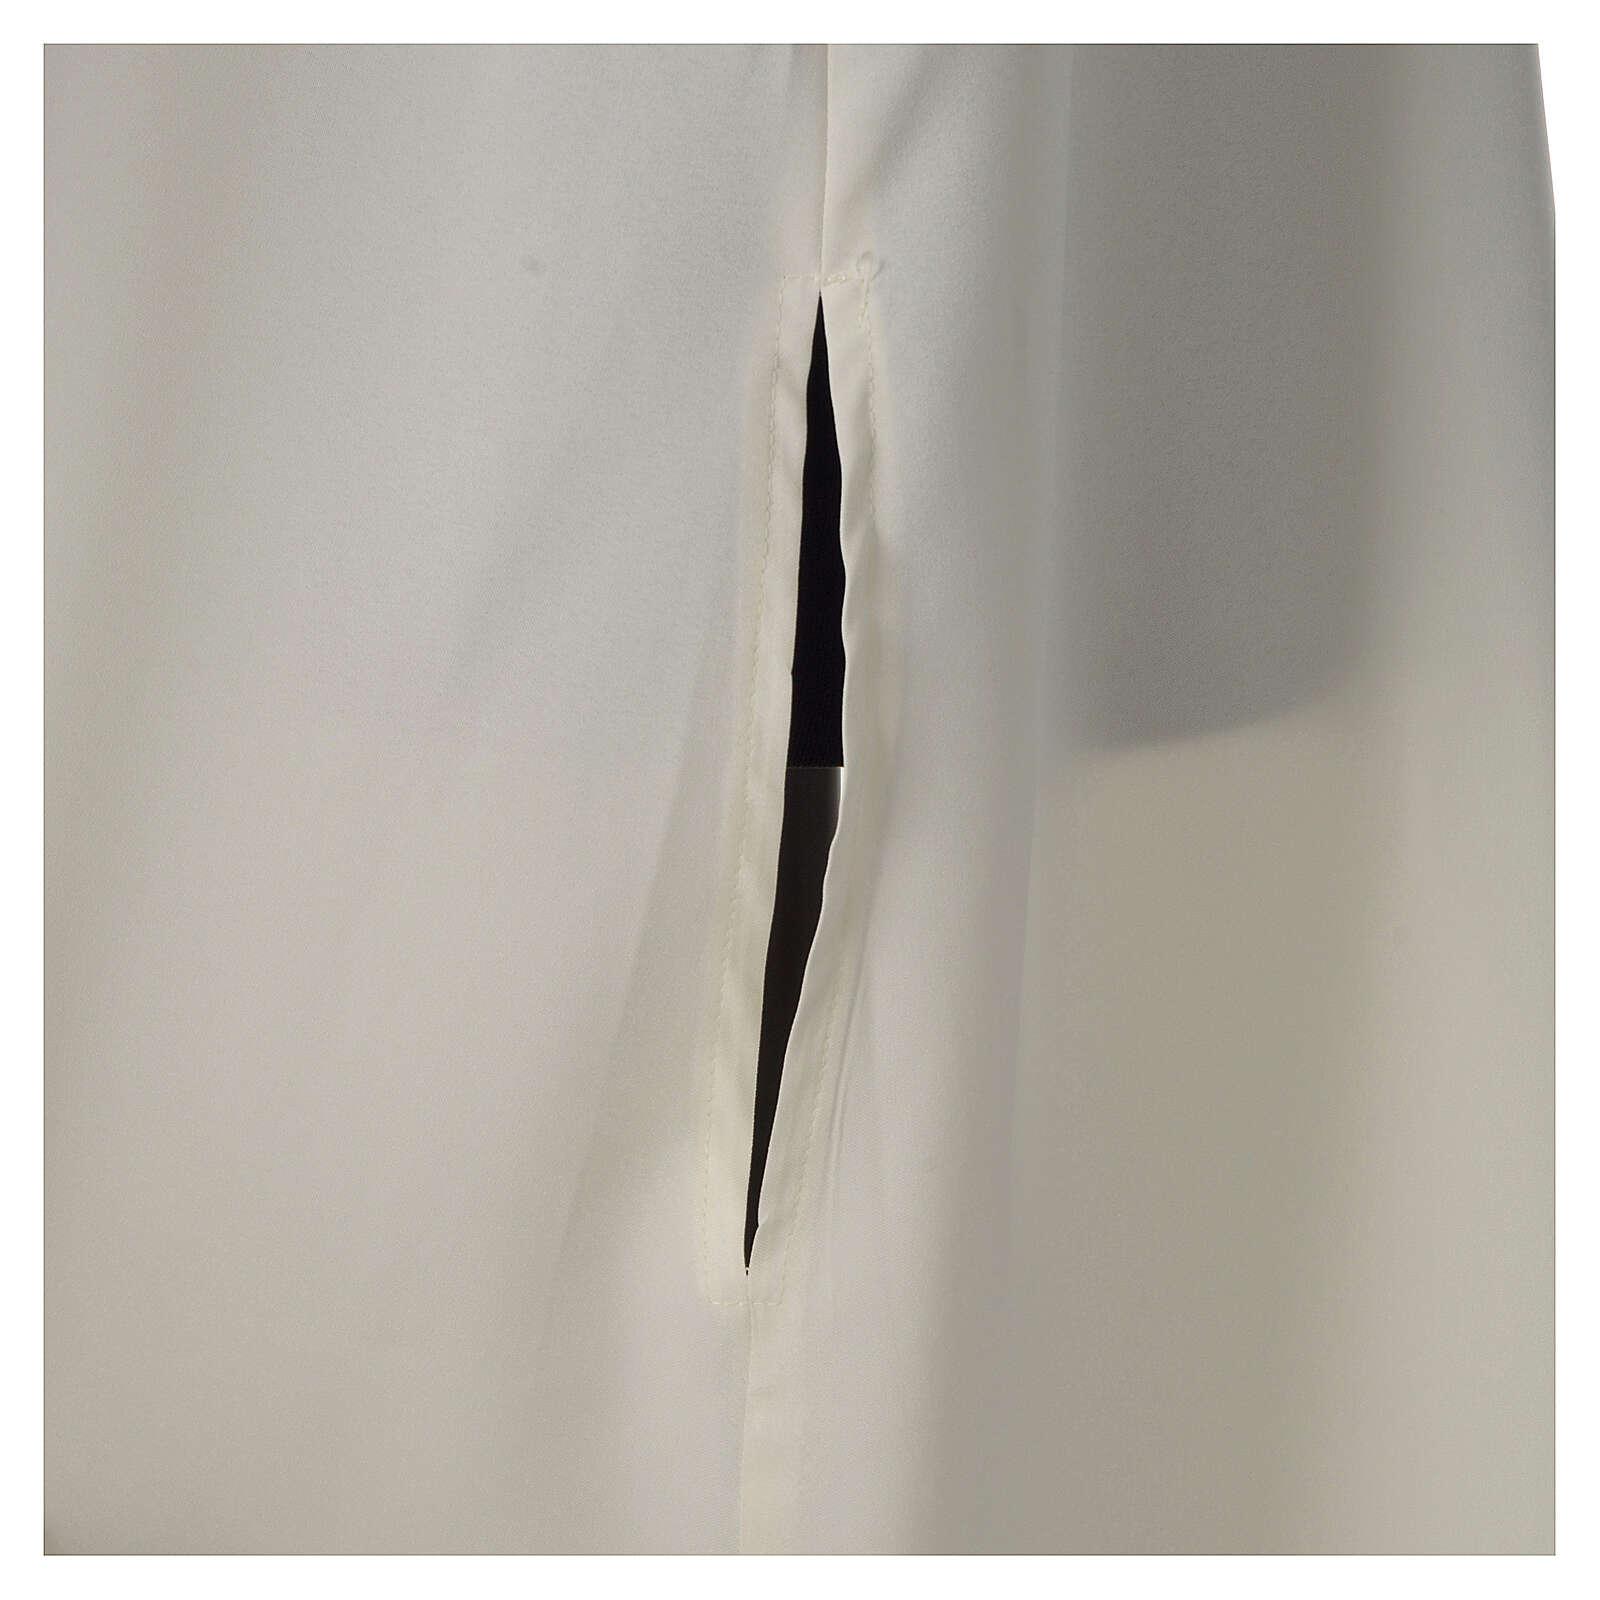 Alba kość słoniowa mikrofibra poliester rozszerzana z niby kapturem 4